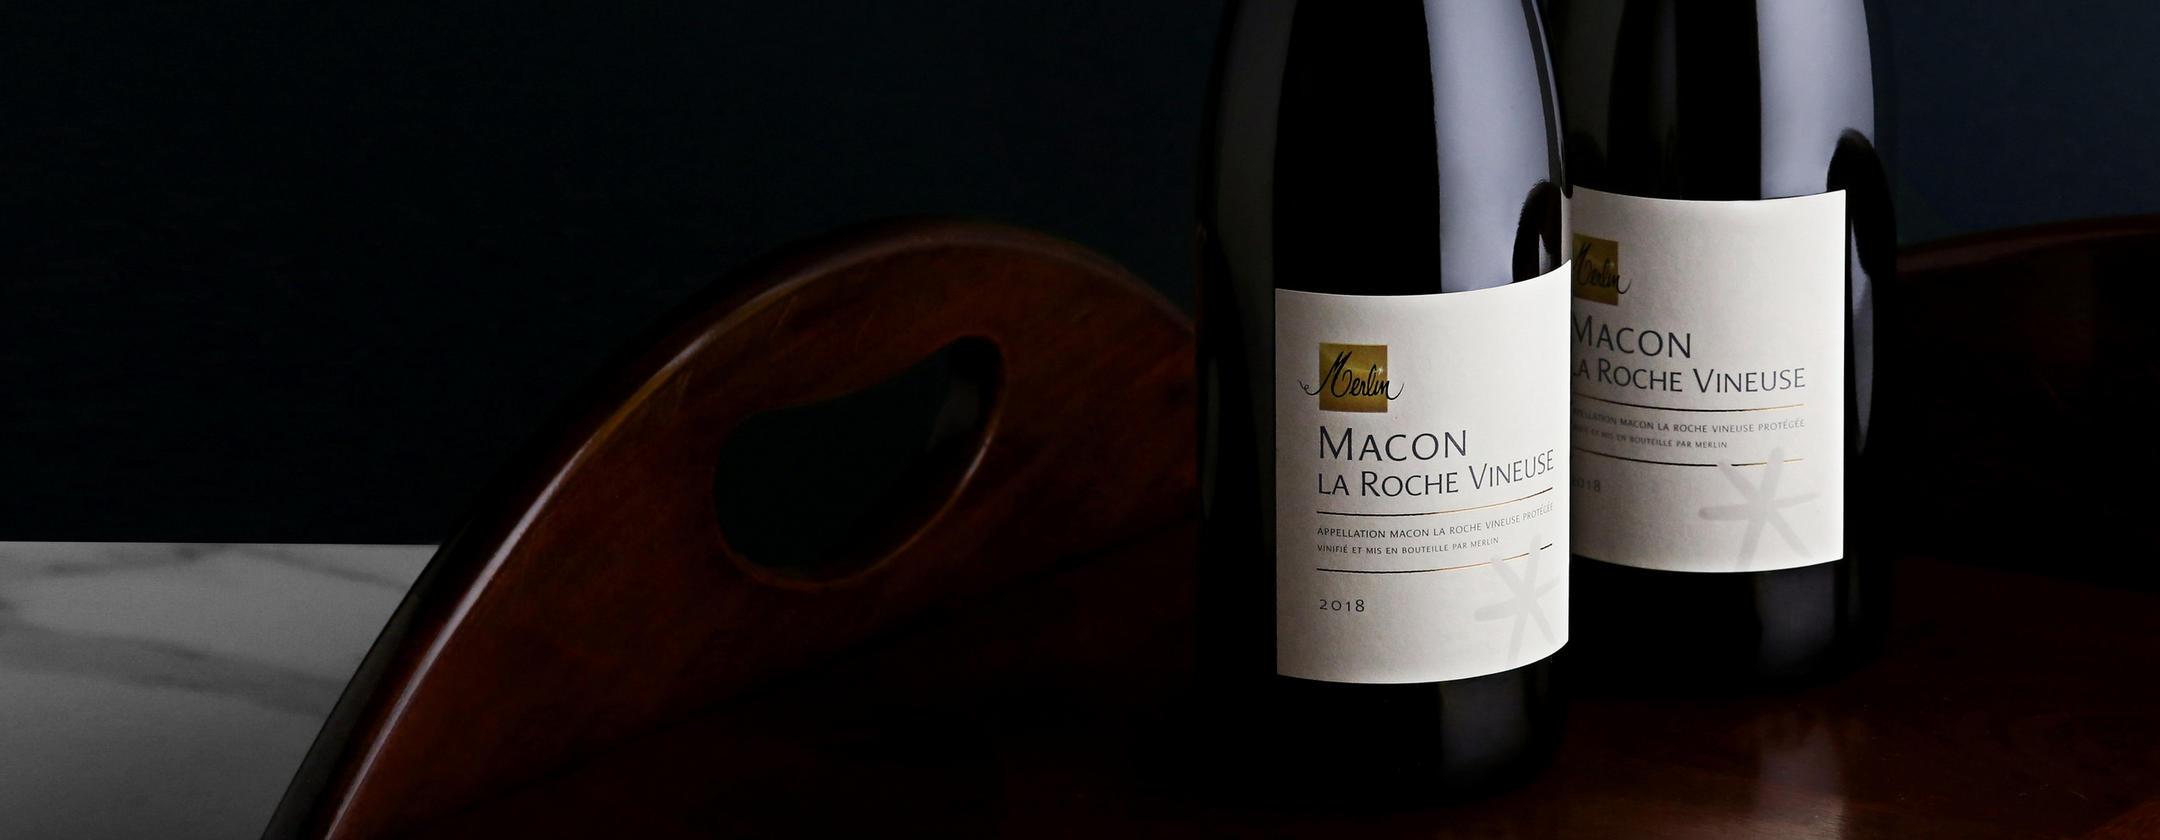 Crisp, clean and precise _ 2018 Mâcon La Roche Vineuse, Olivier Merlin